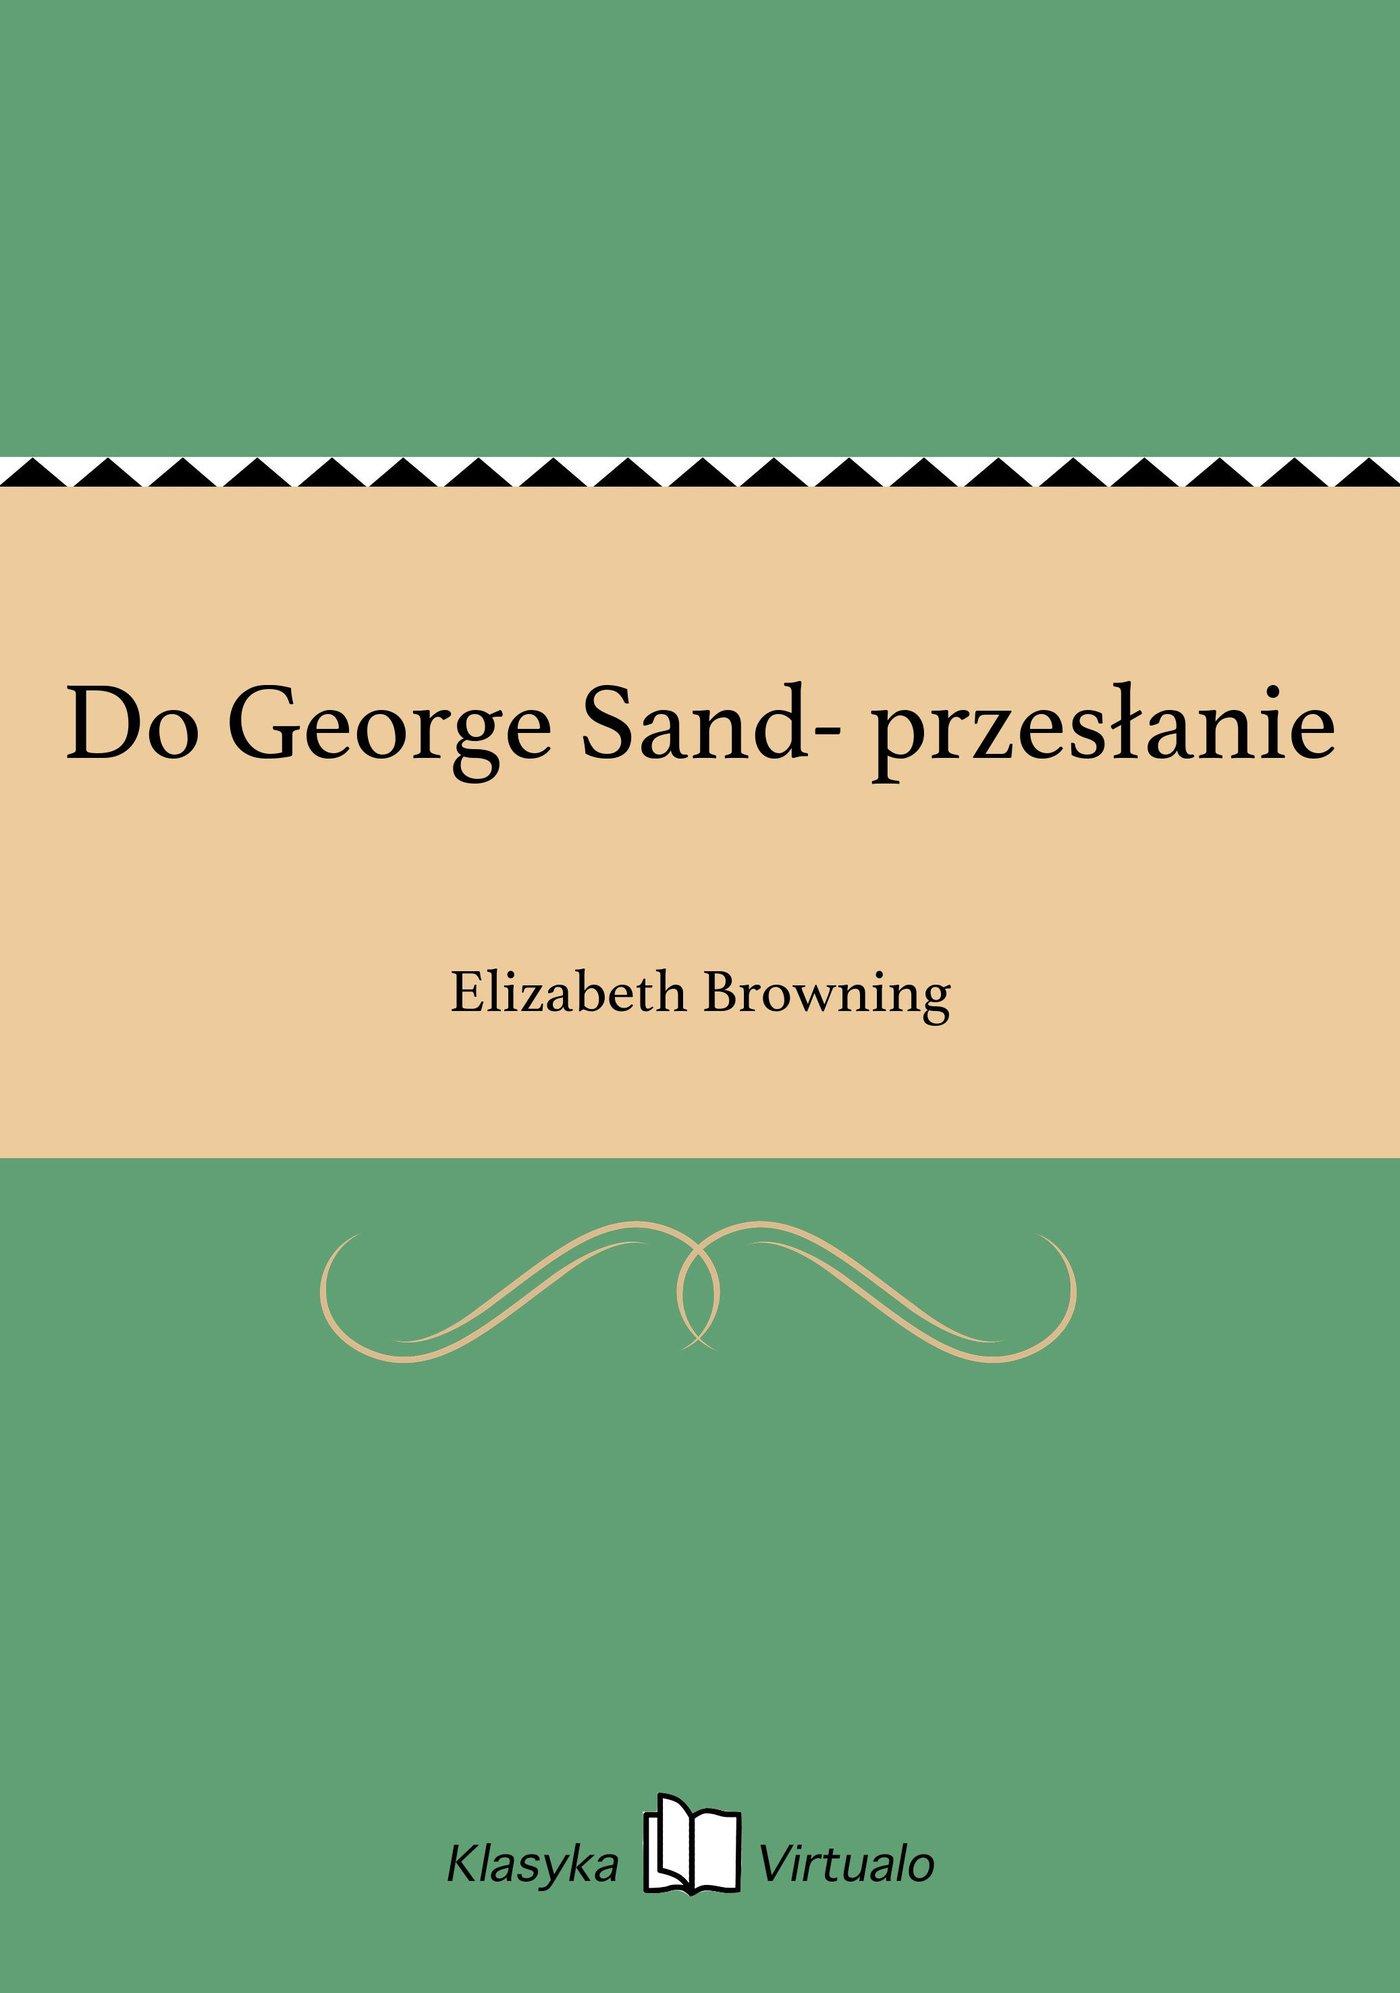 Do George Sand- przesłanie - Ebook (Książka EPUB) do pobrania w formacie EPUB